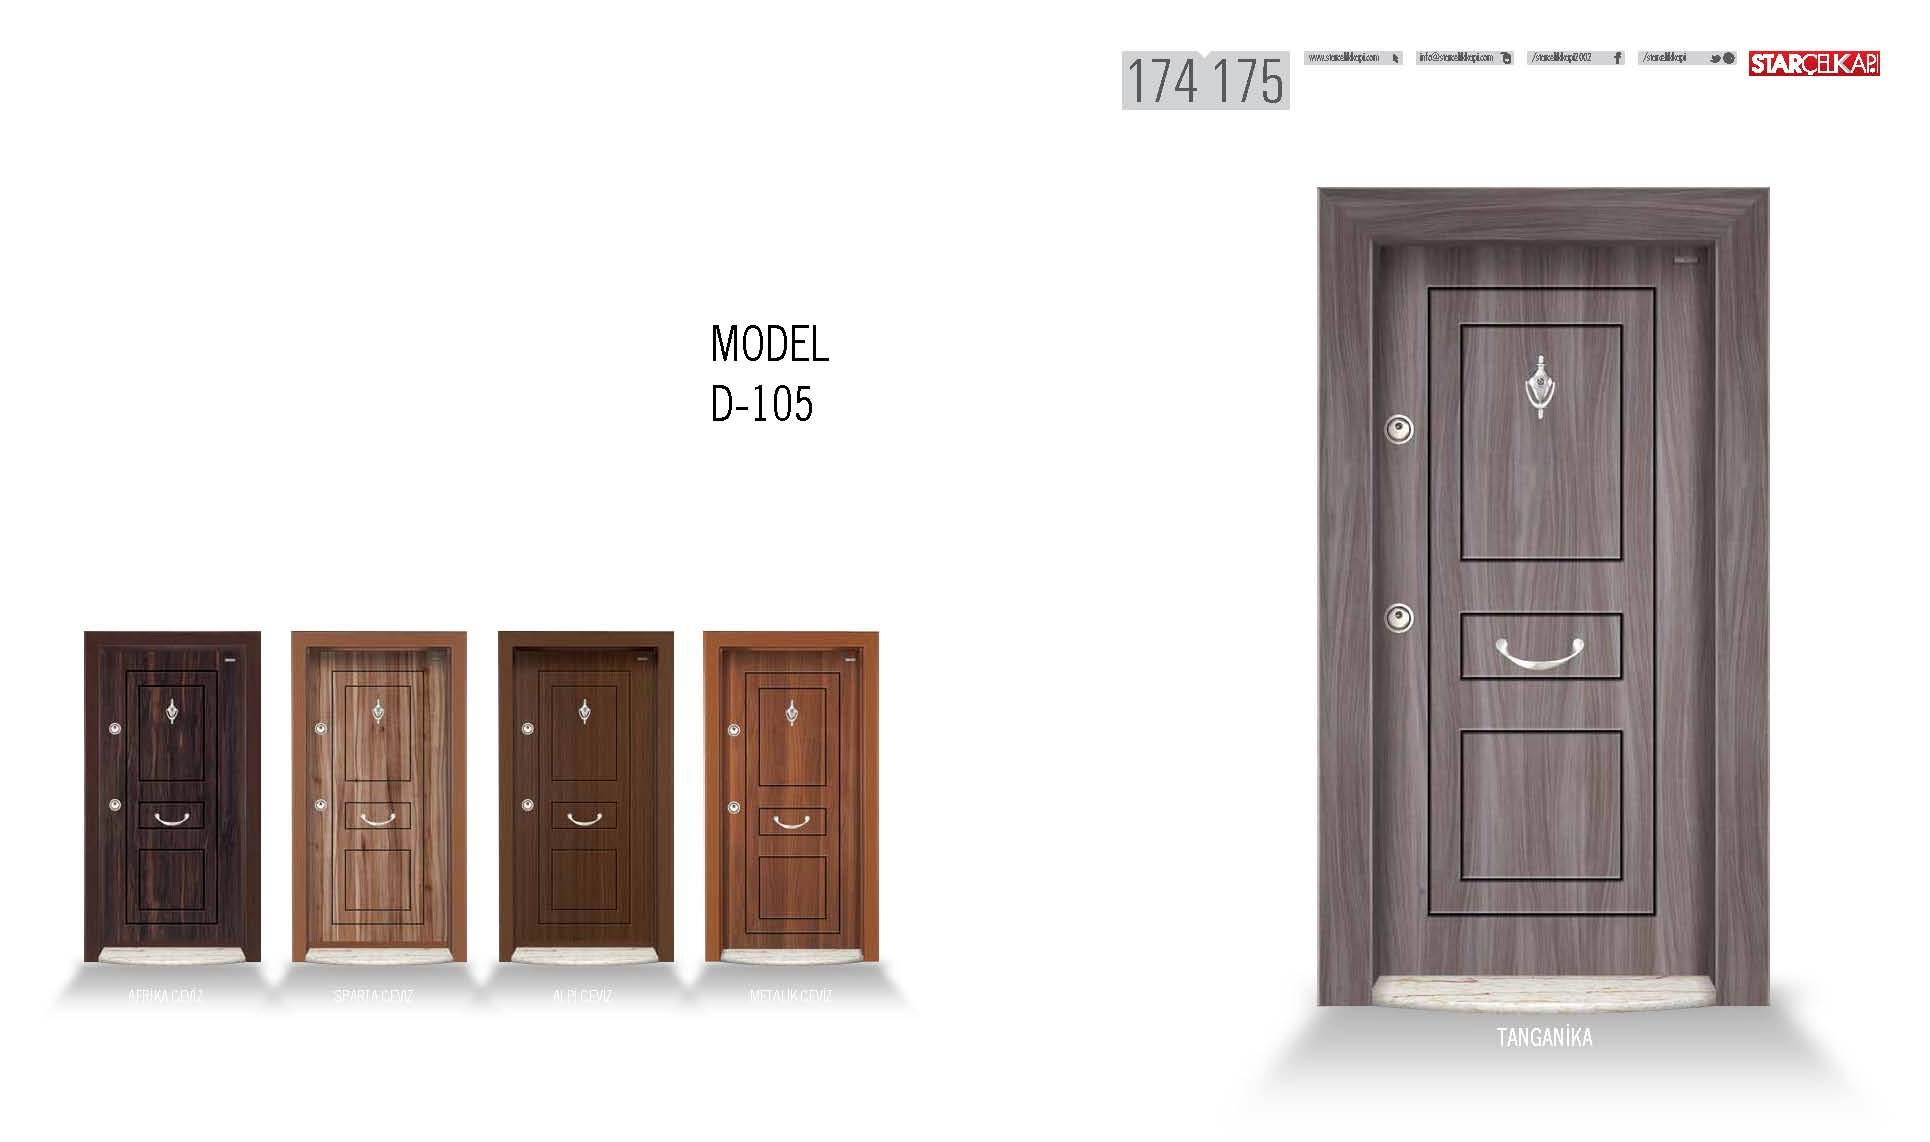 vhodni-vrati-starcelik_page_88